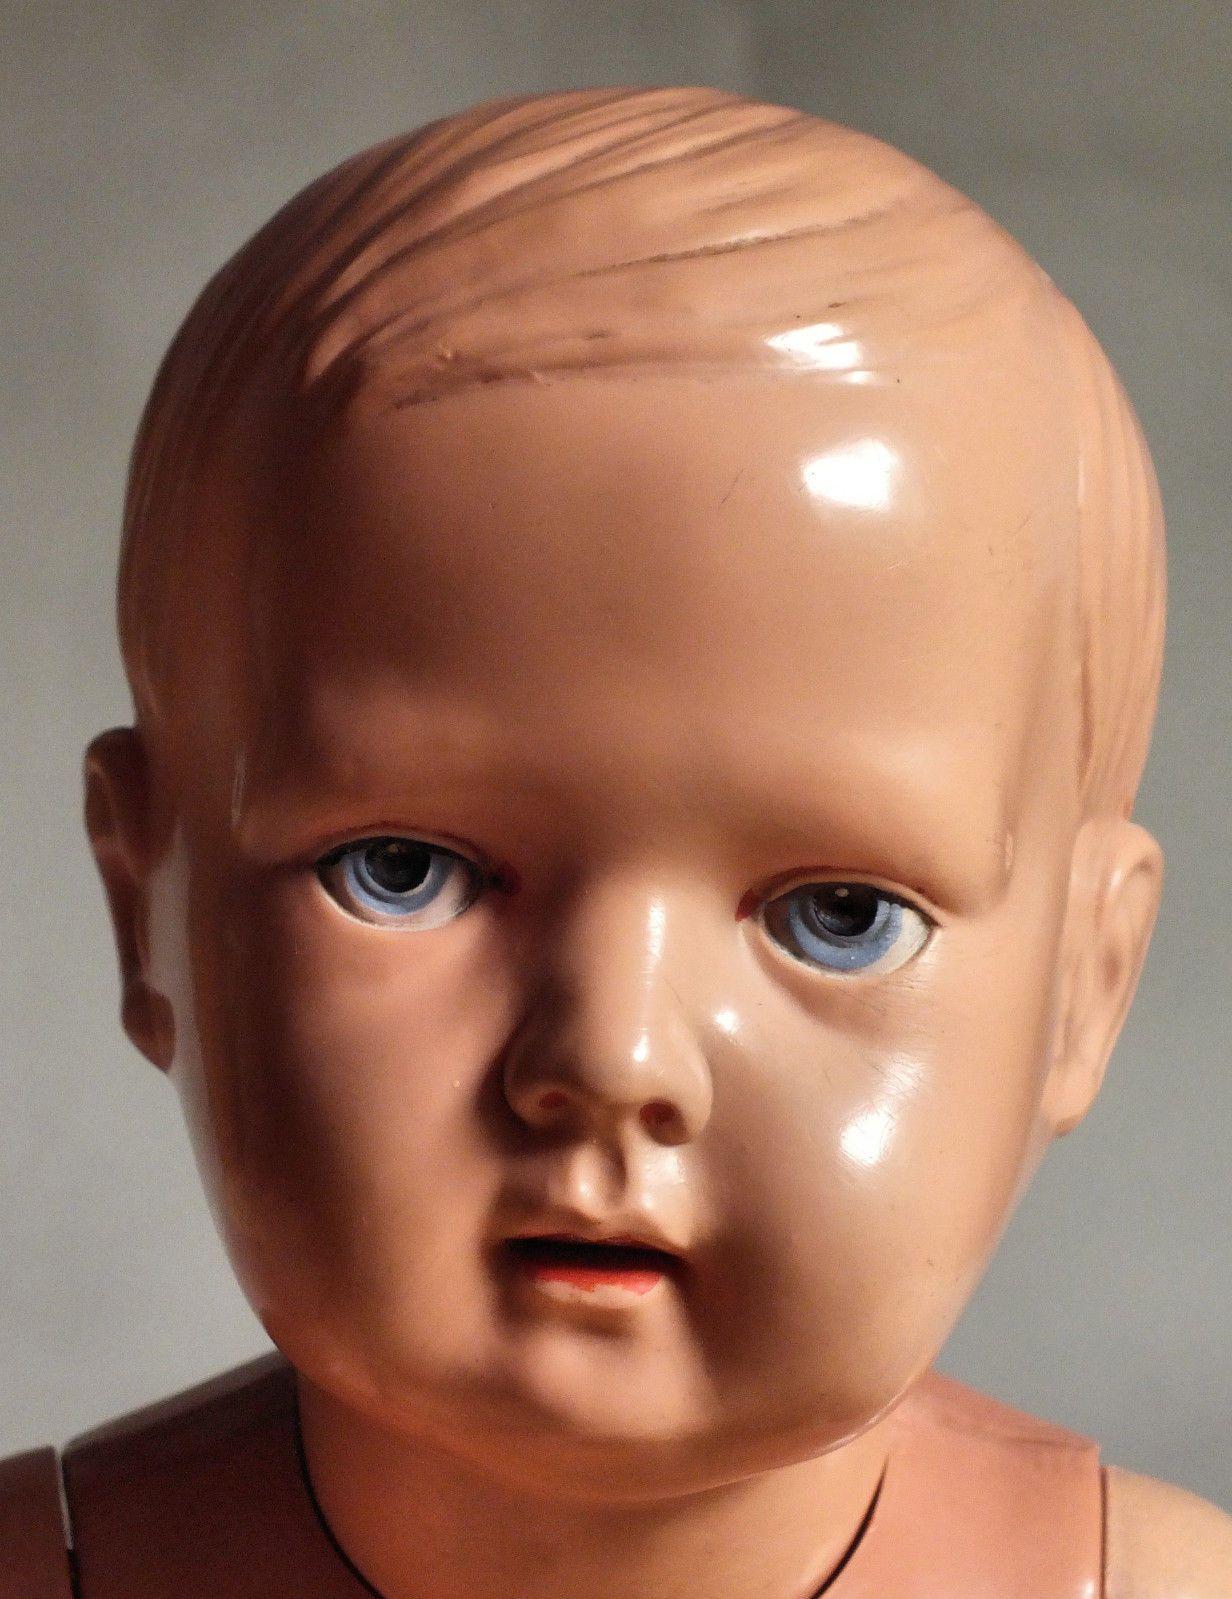 schildkröt bebi 1925 • eur 100,00 - picclick de   schildkröt puppen